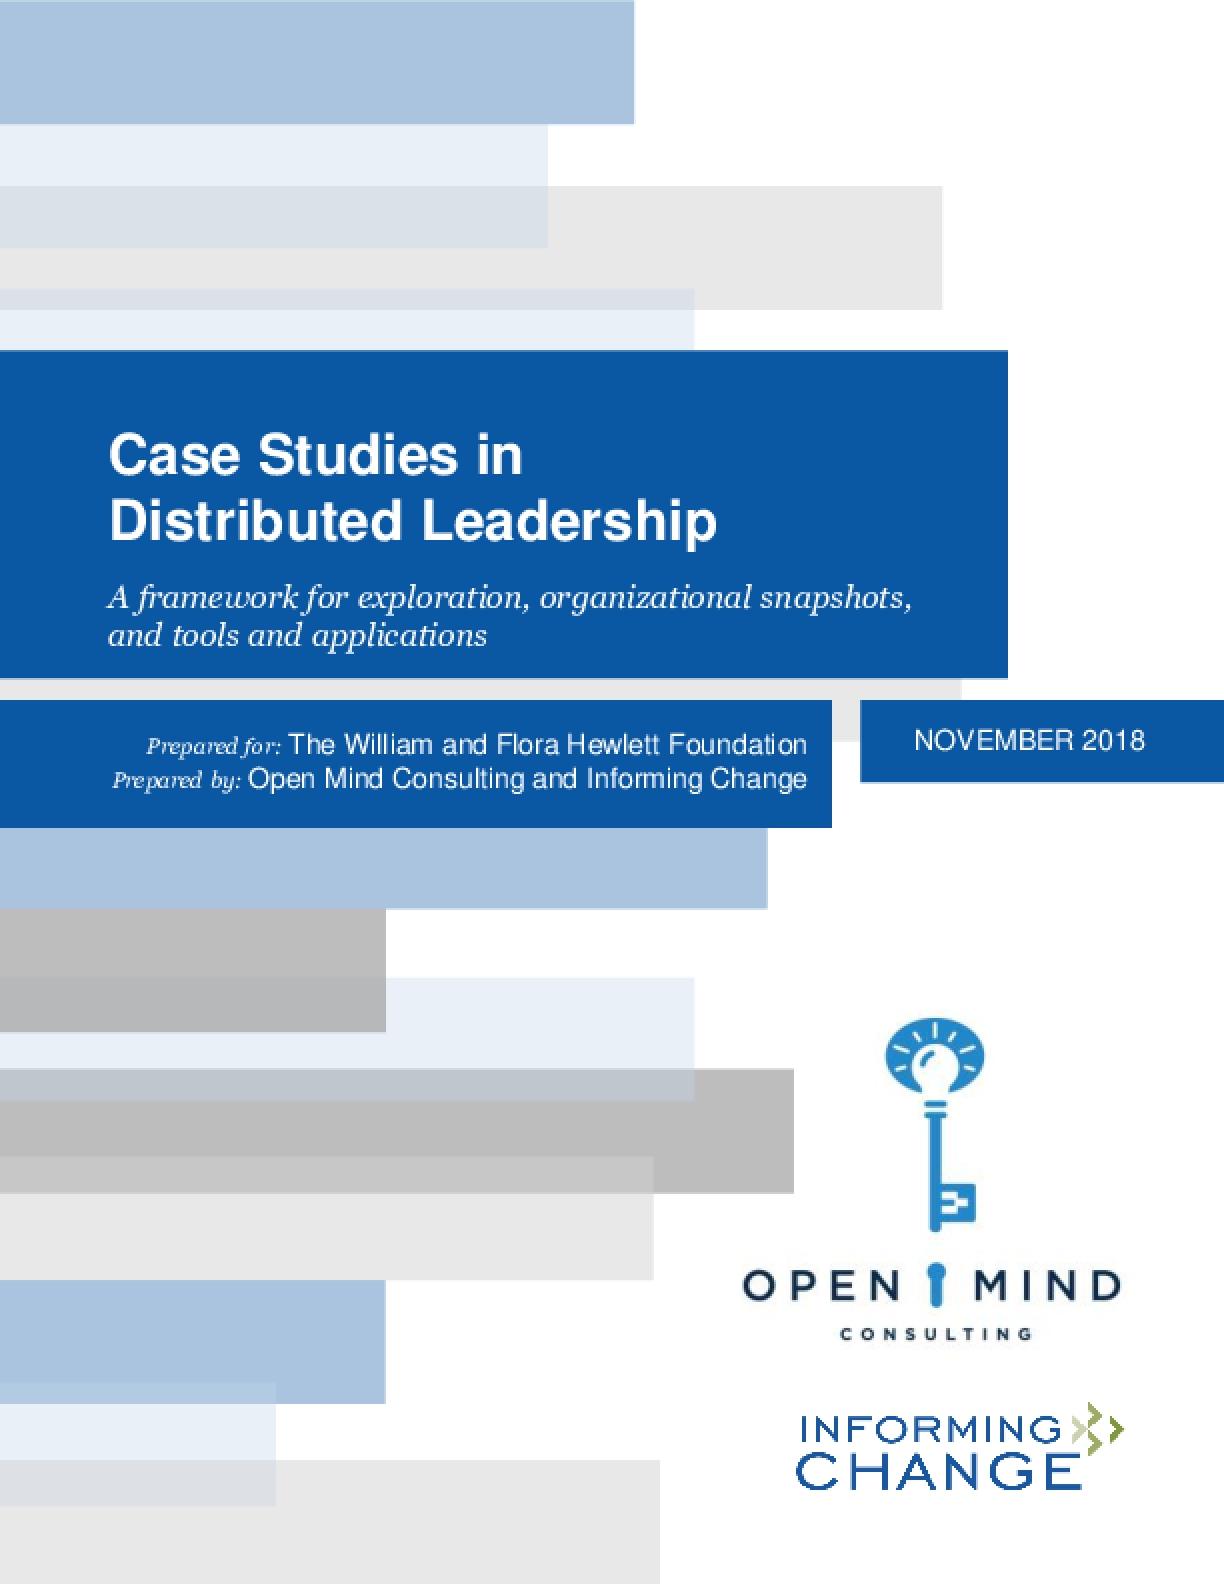 Case Studies in Distributed Leadership